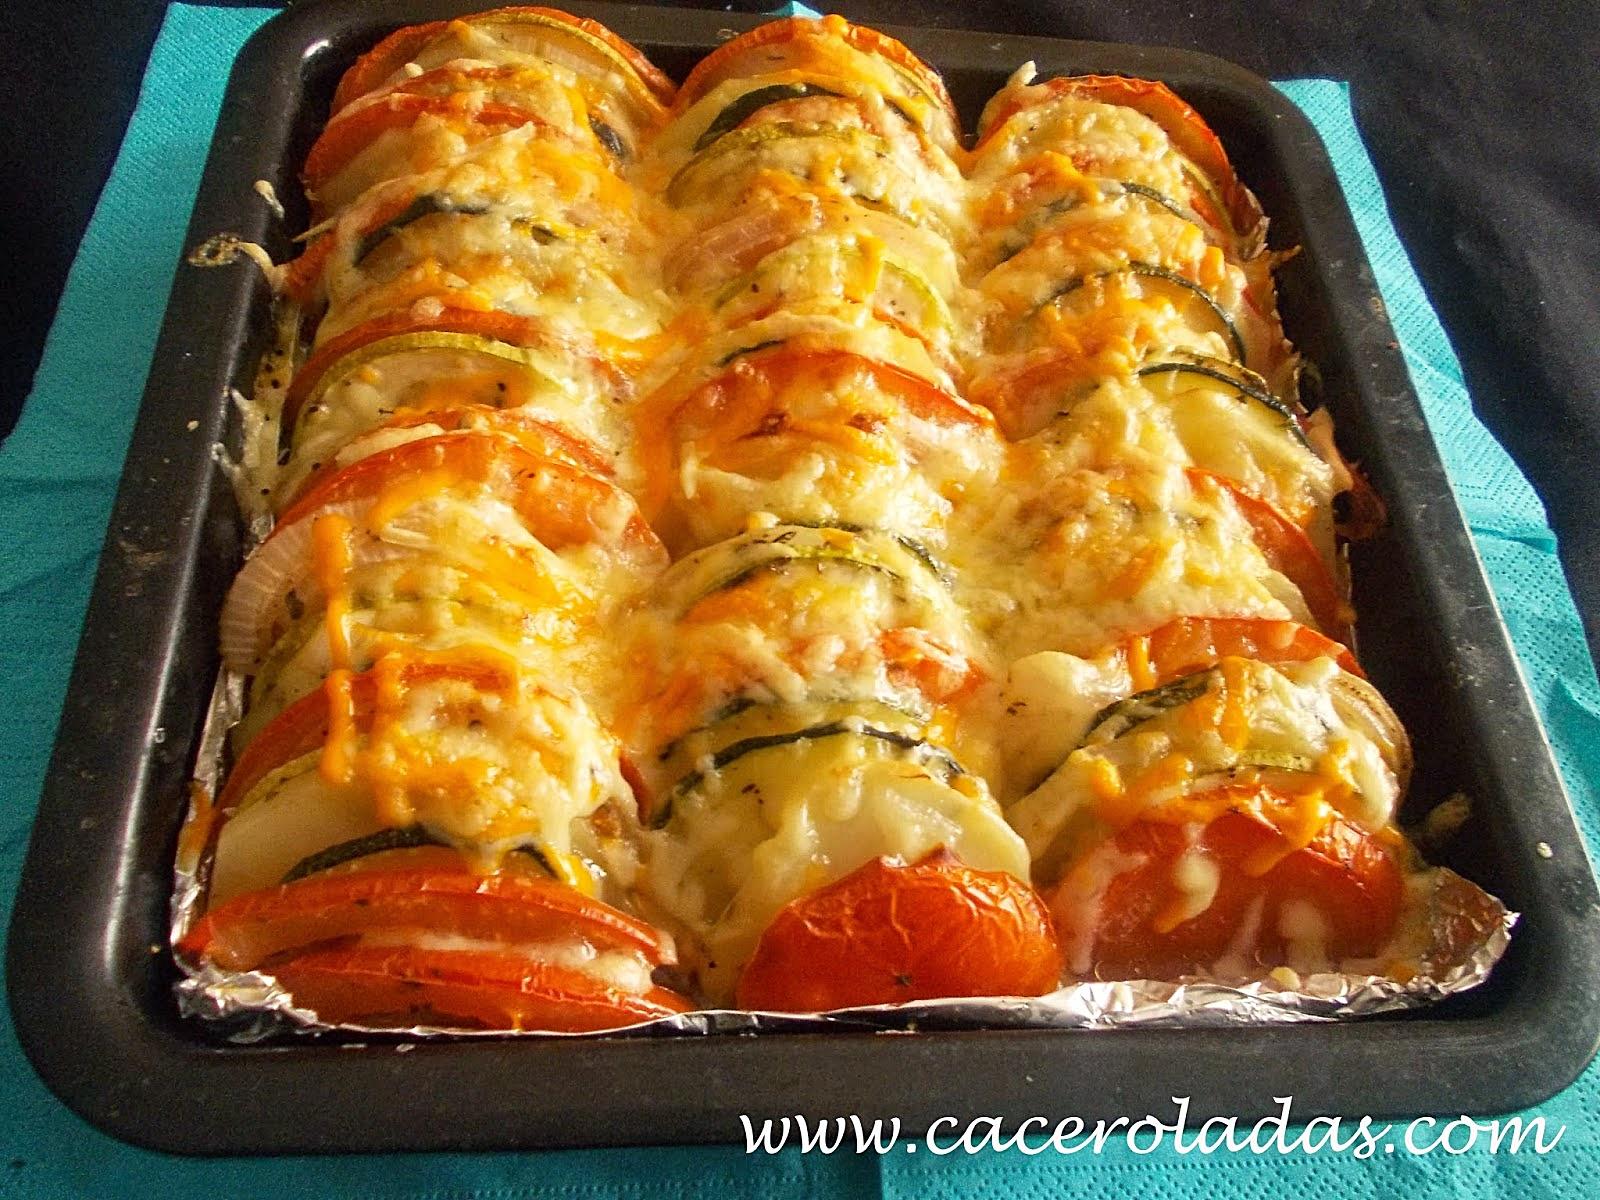 Verduras gratinadas  CACEROLADAS